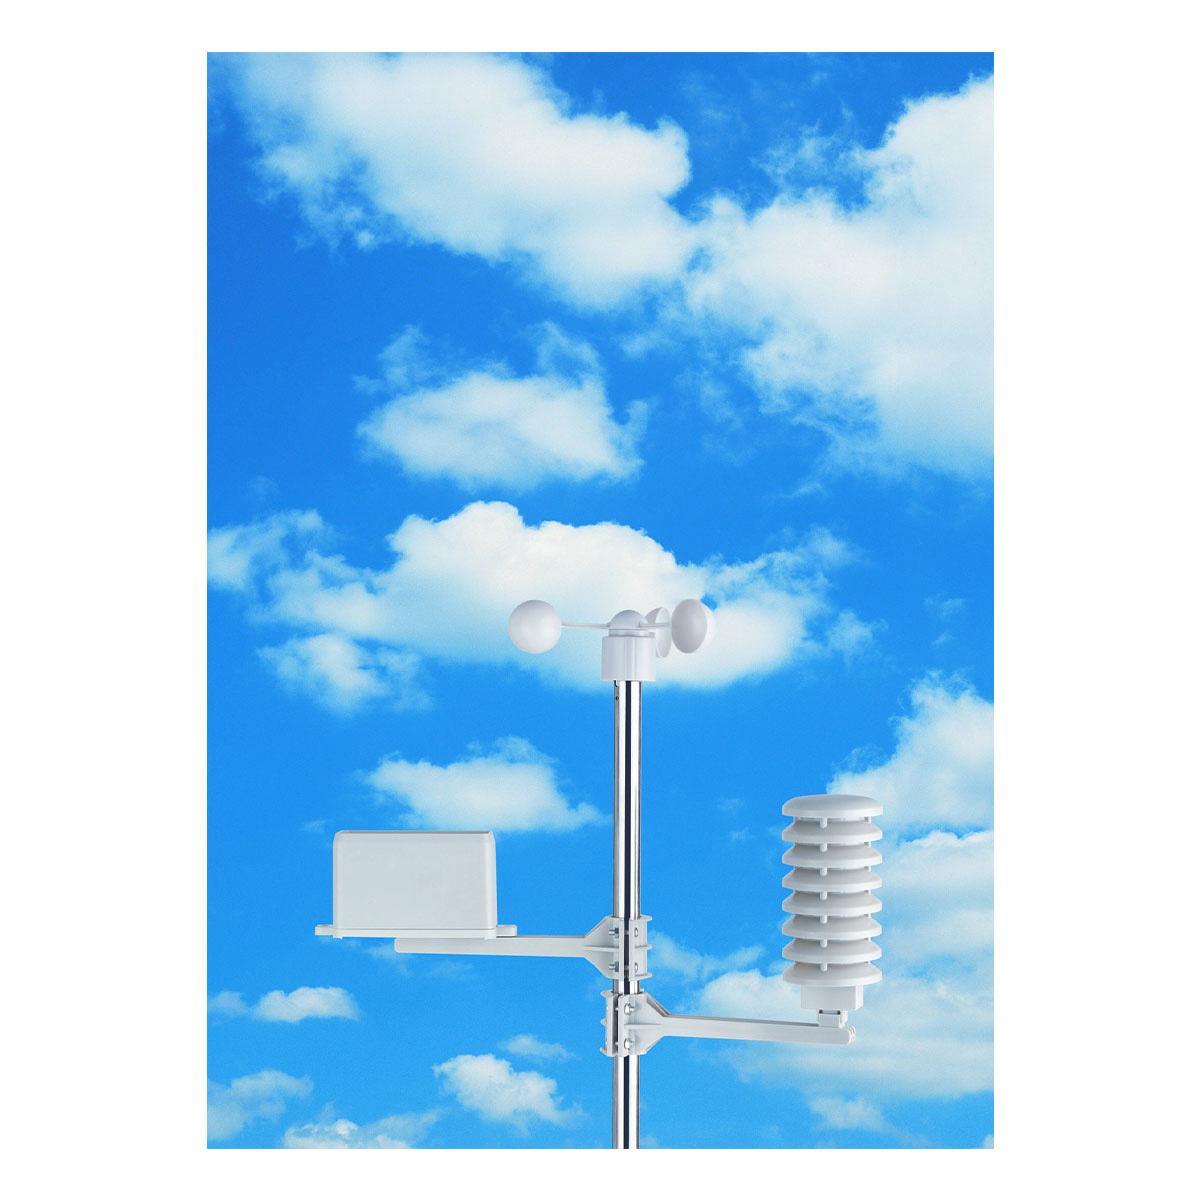 35-1077-54-s2-funk-wetterstation-mit-wind-regenmesser-stratos-anwendung-1200x1200px.jpg